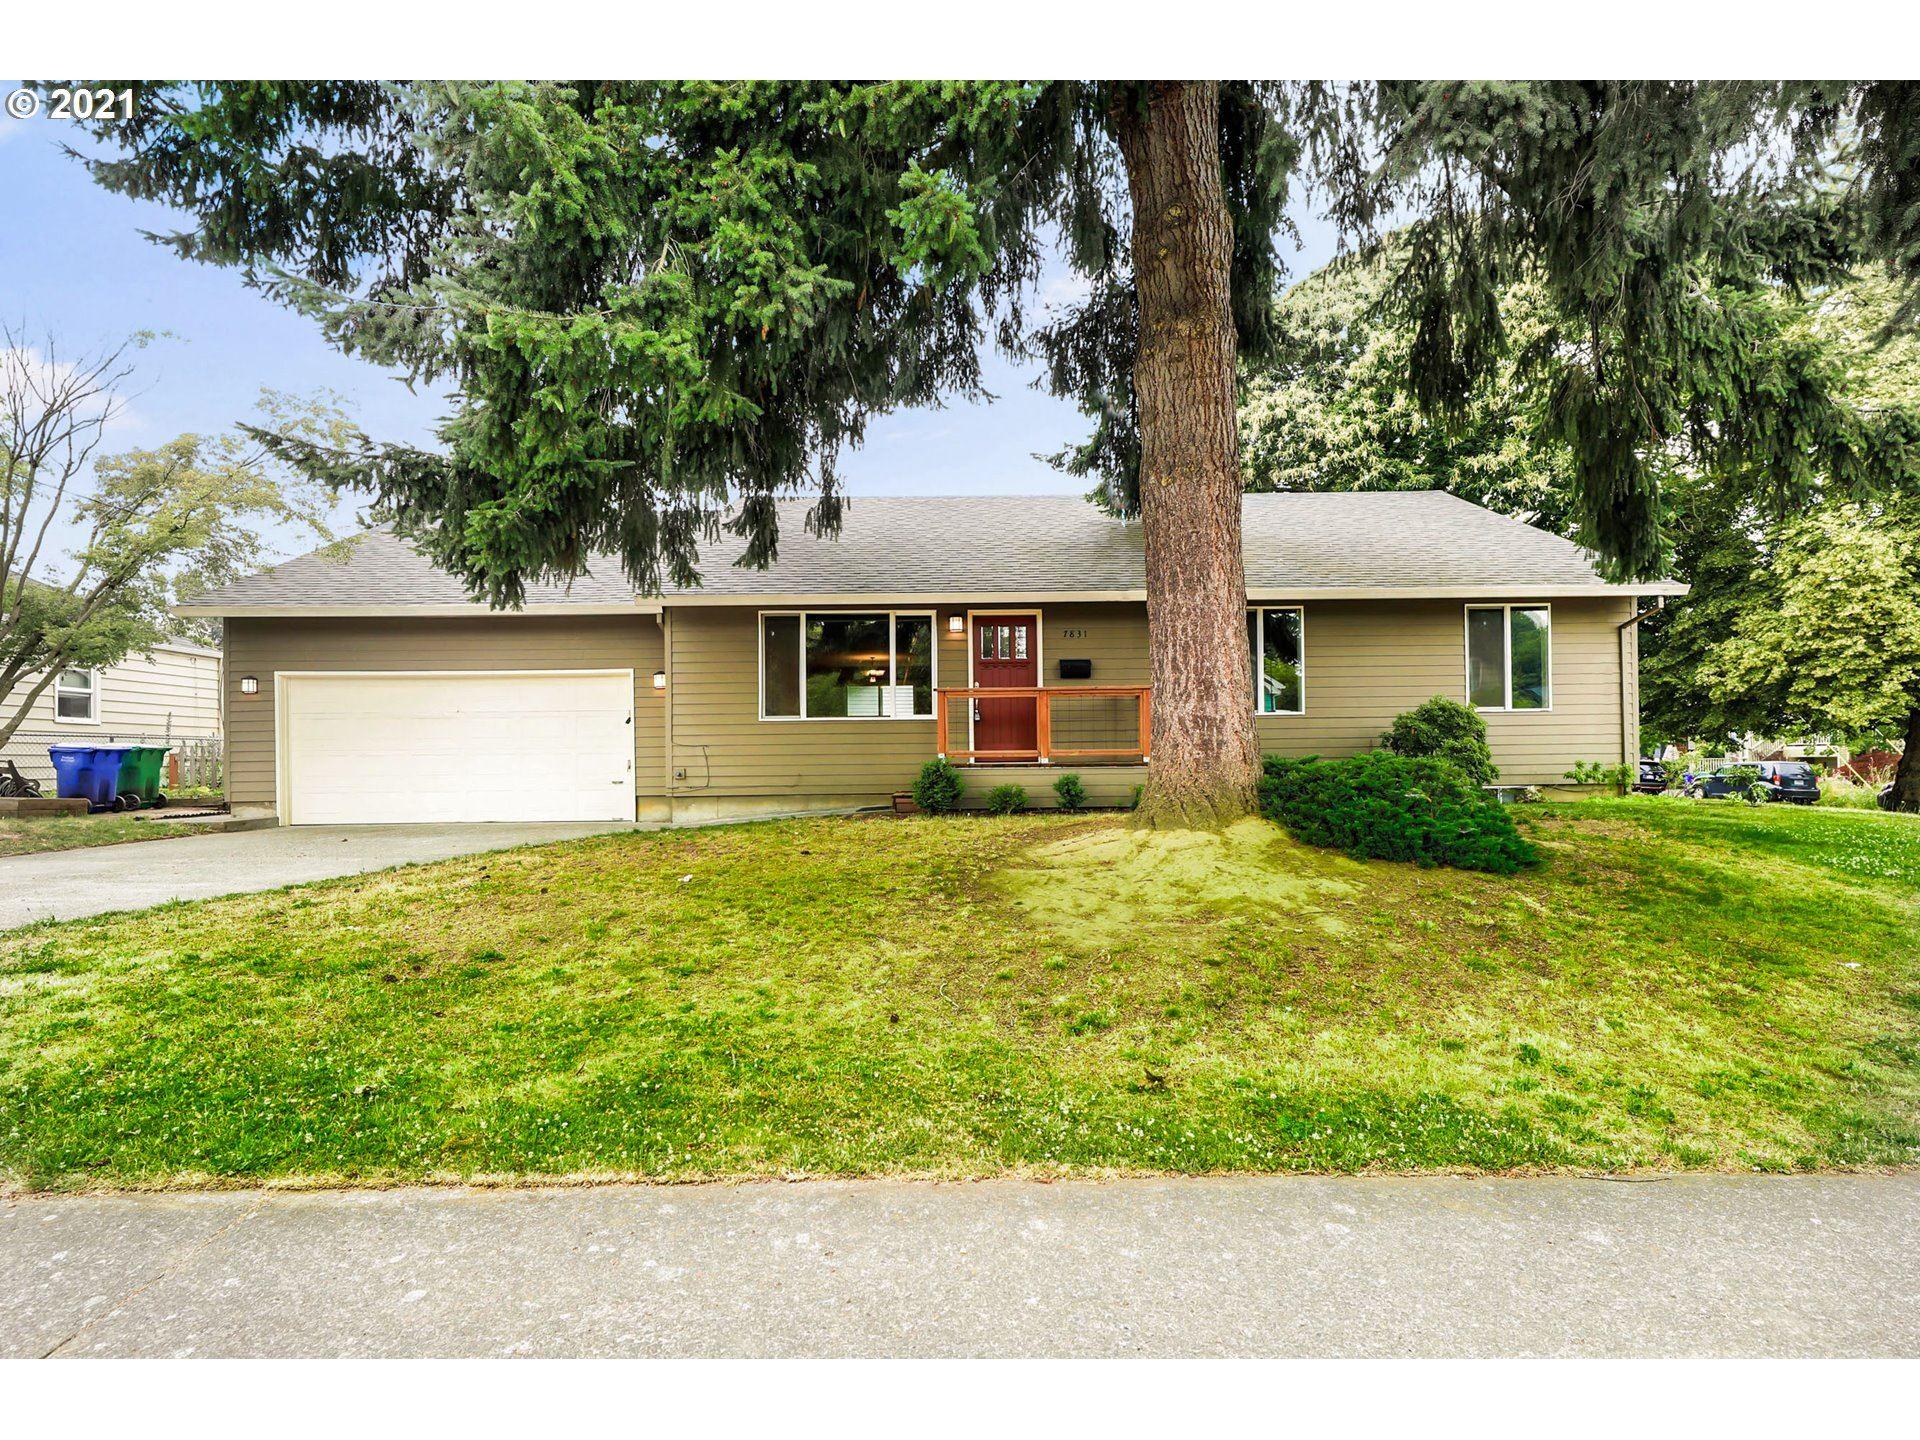 7831 N DELAWARE AVE, Portland, OR 97217 - MLS#: 21098164